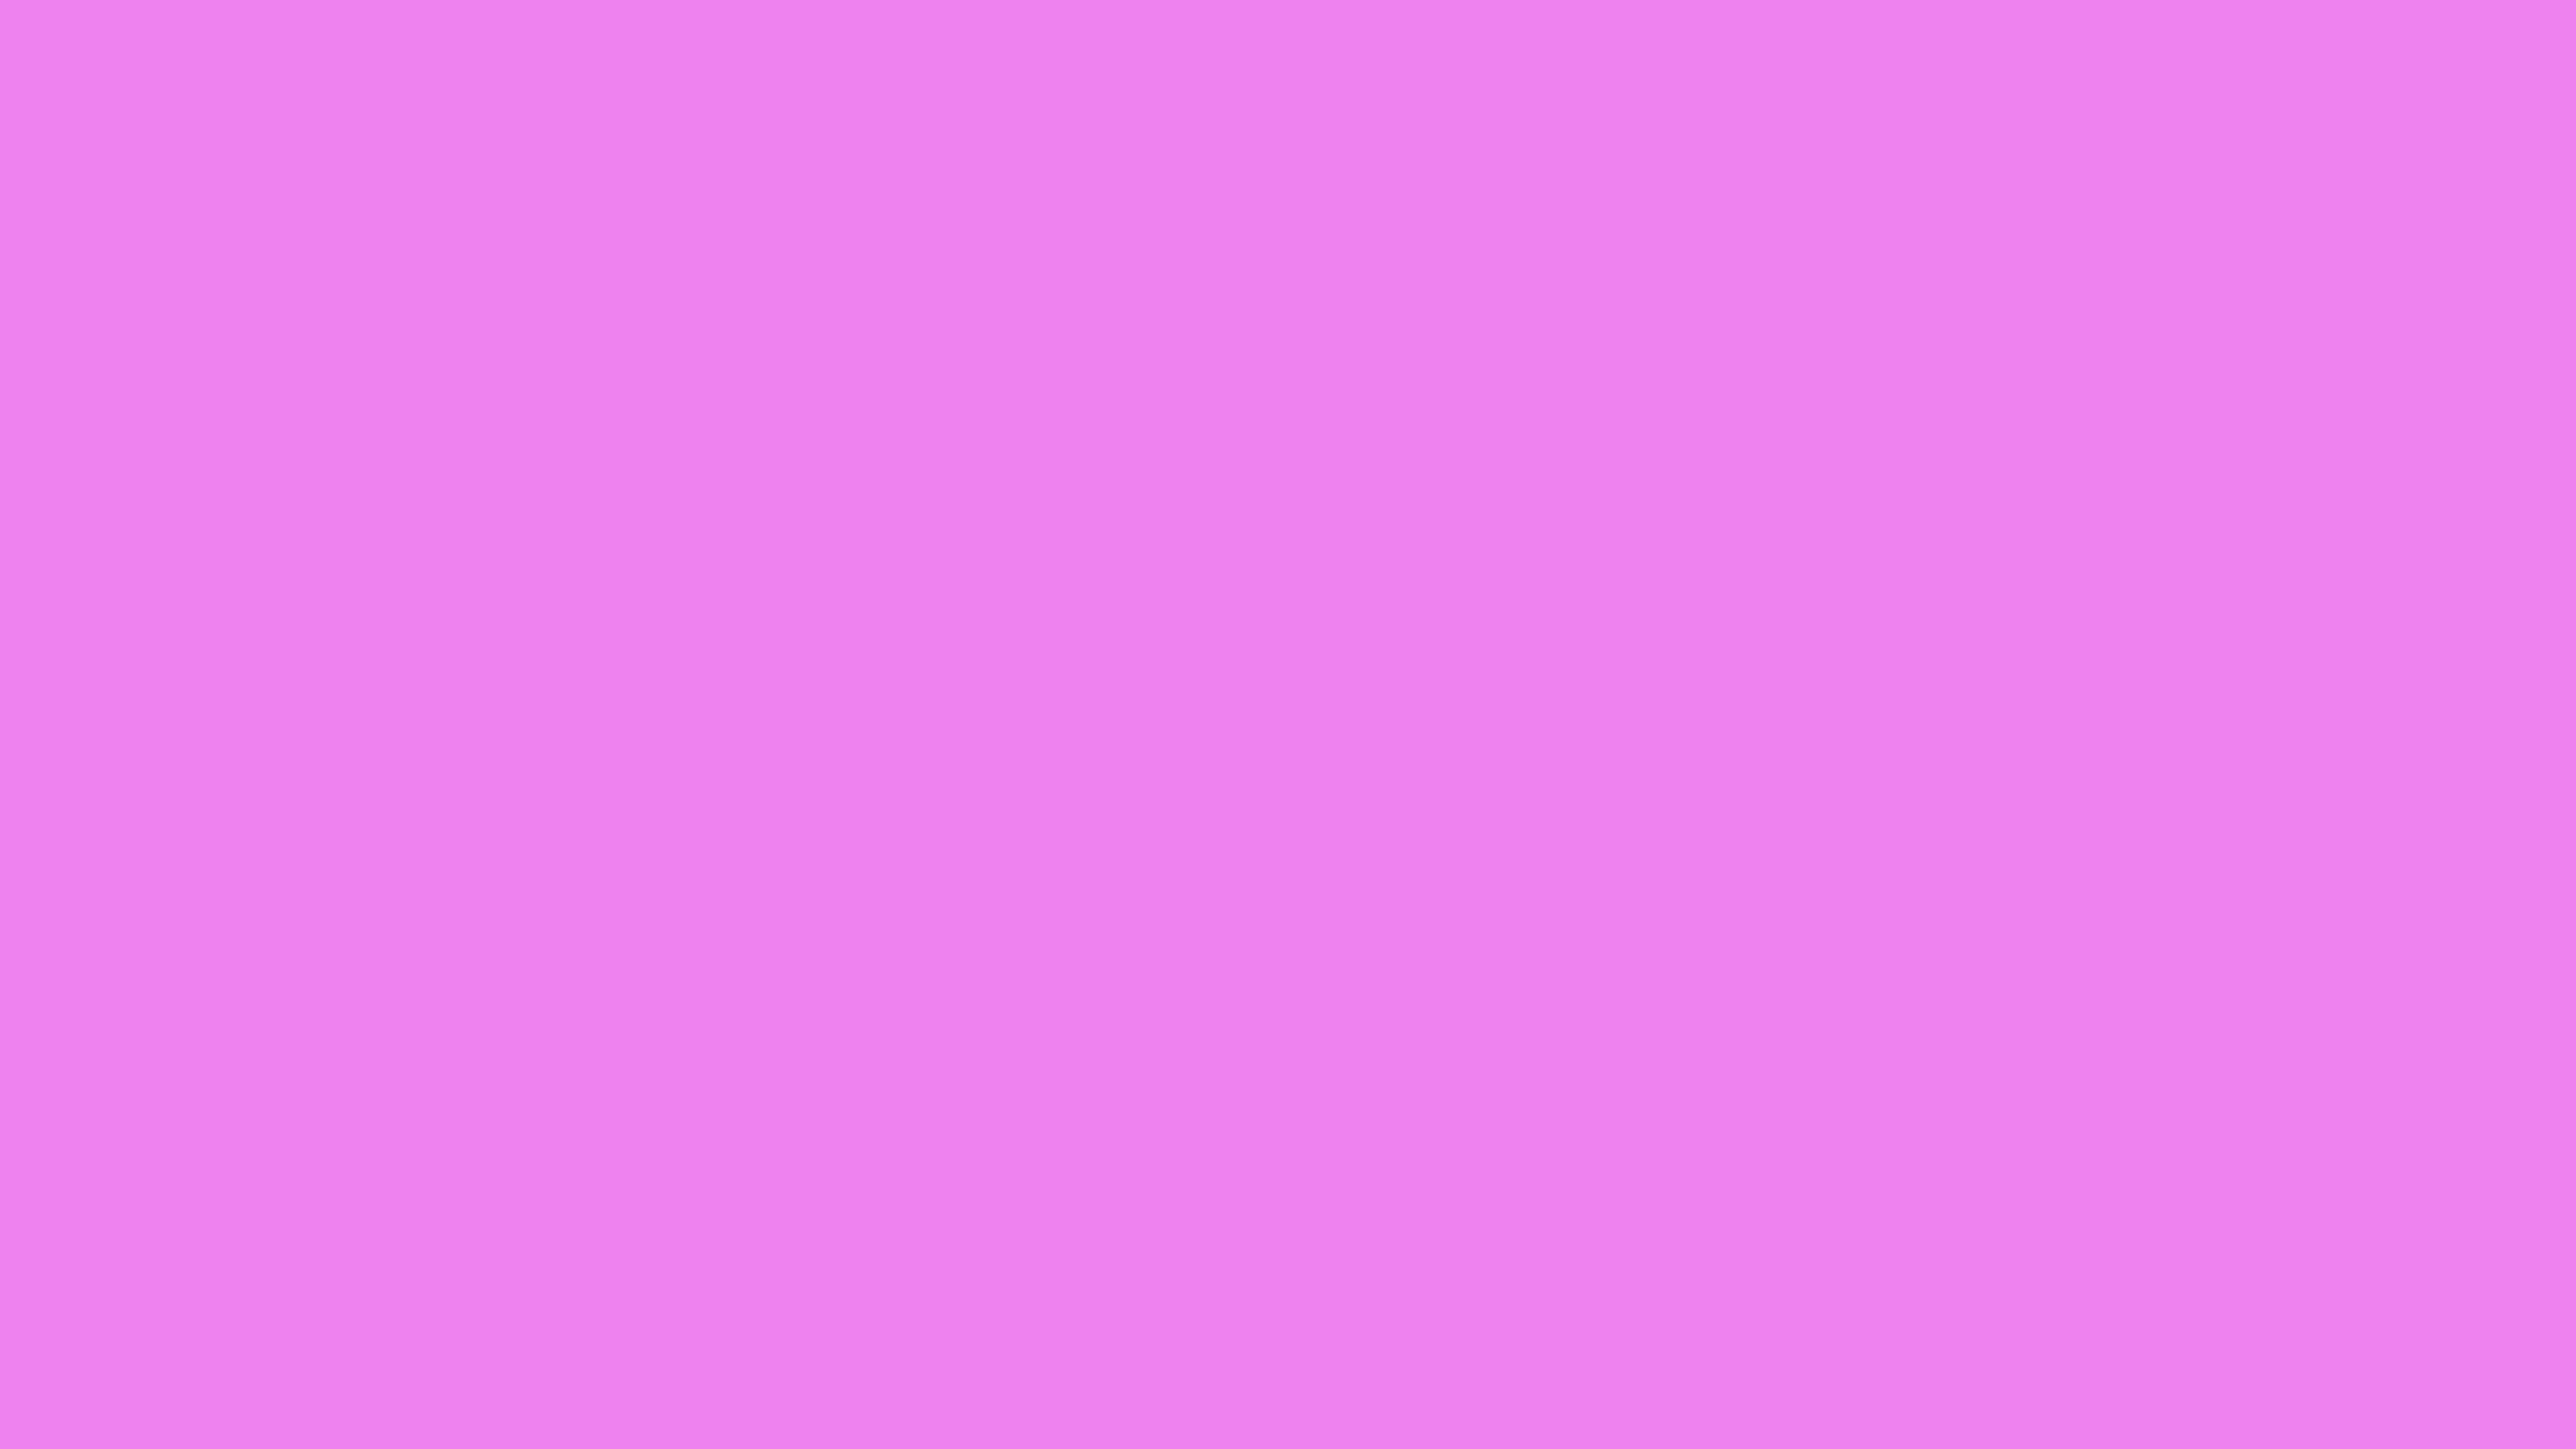 4096x2304 Violet Web Solid Color Background